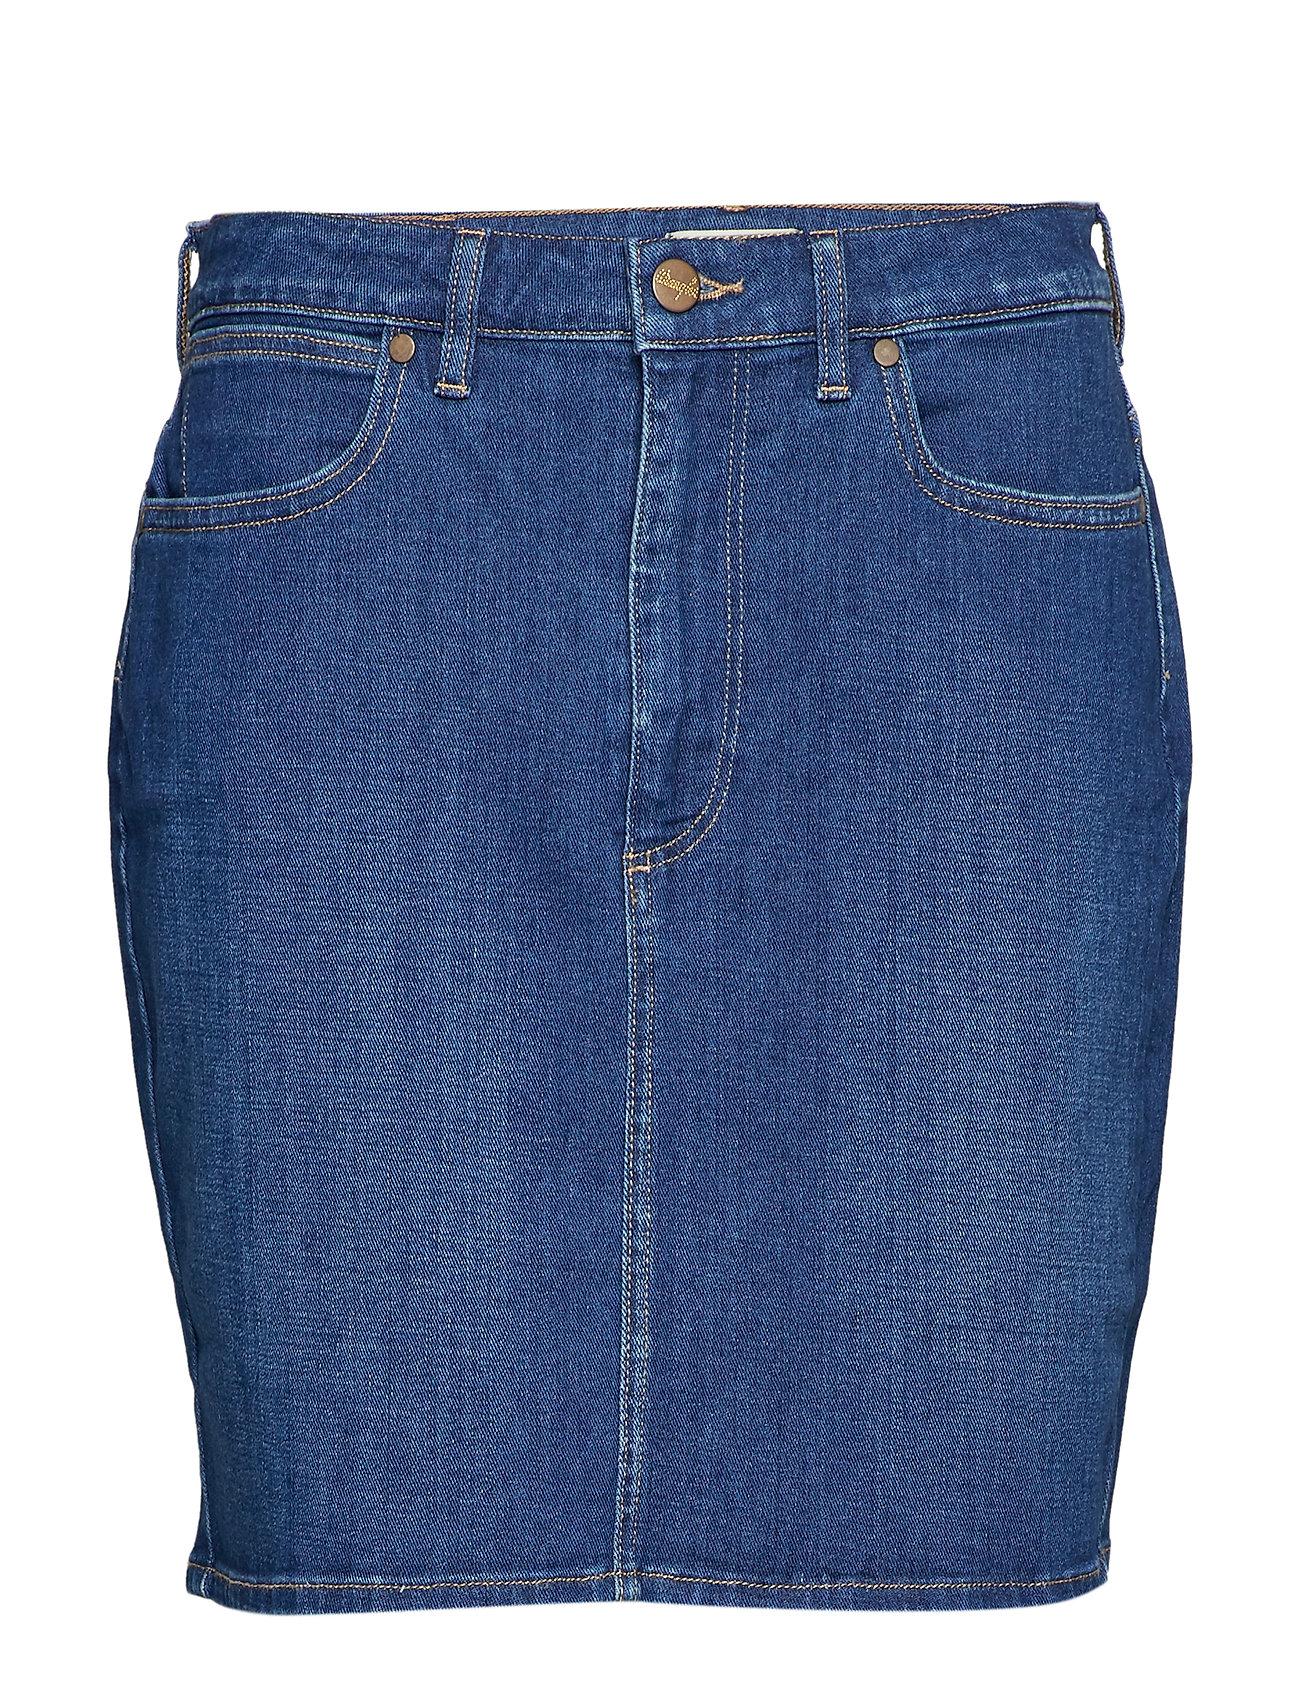 Image of Mid Length Skirt Knælang Nederdel Blå Wrangler (3424109559)